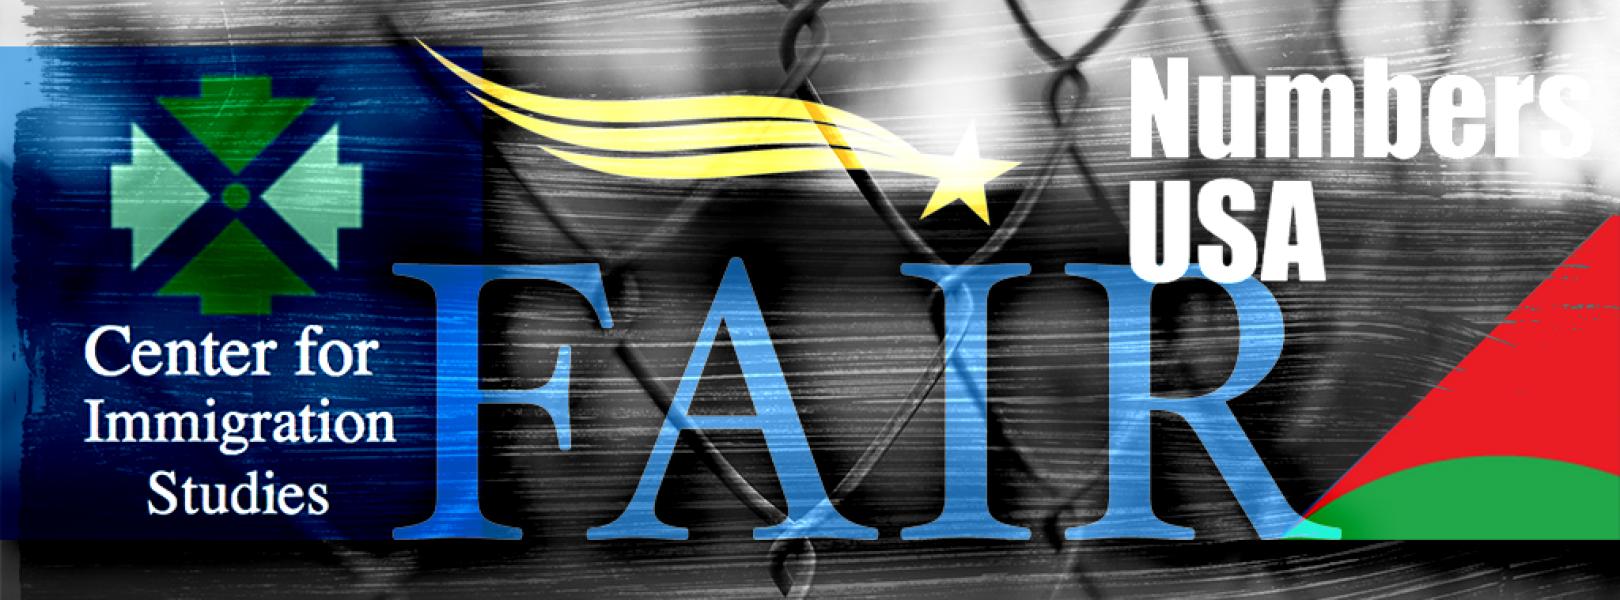 FAIR/CIS/NumbersUSA logos